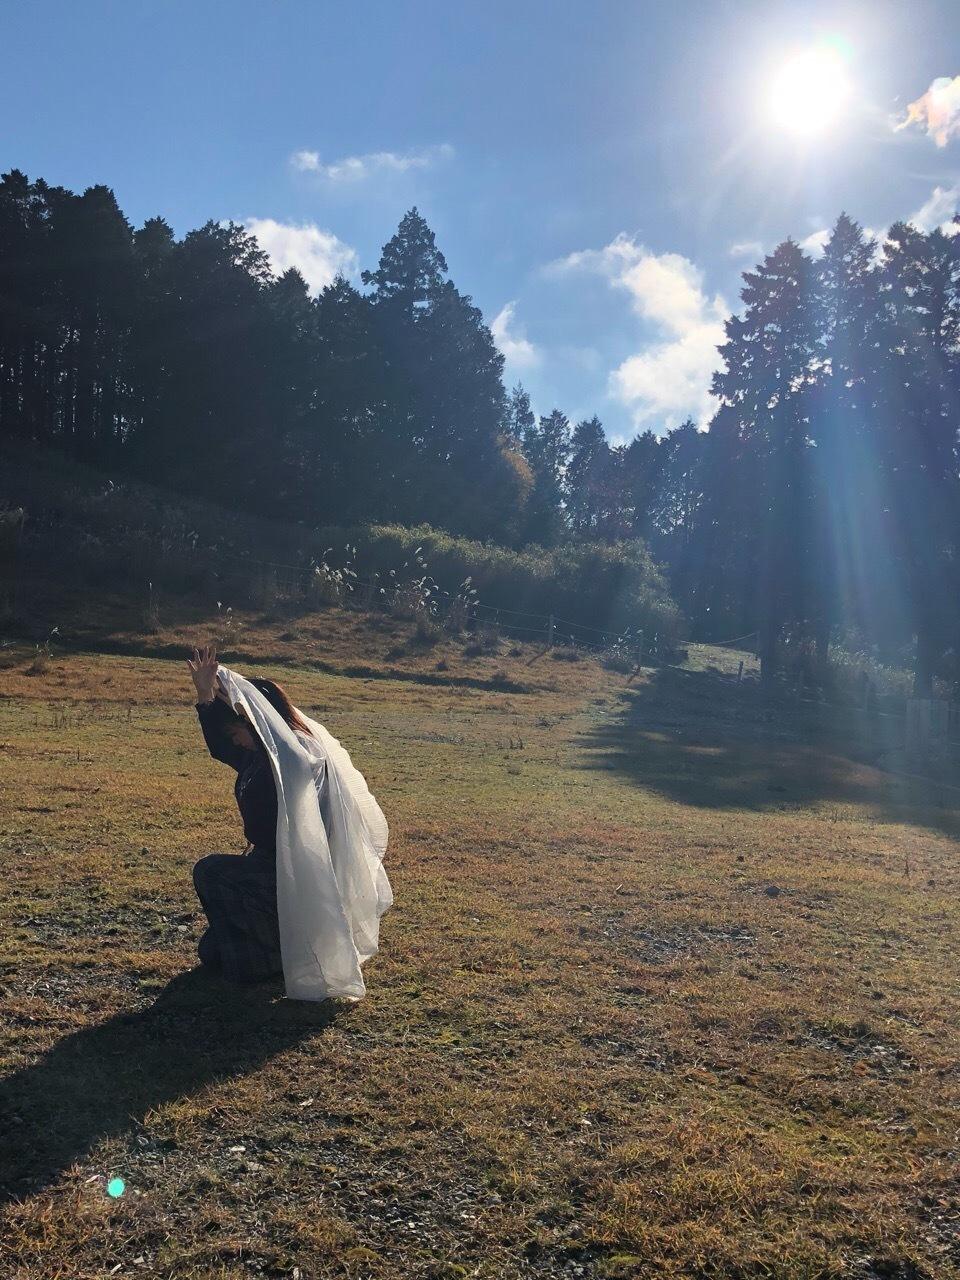 第2回・地球のカルマ解消イベントと京都ライトワークのご報告_a0167003_20562751.jpg